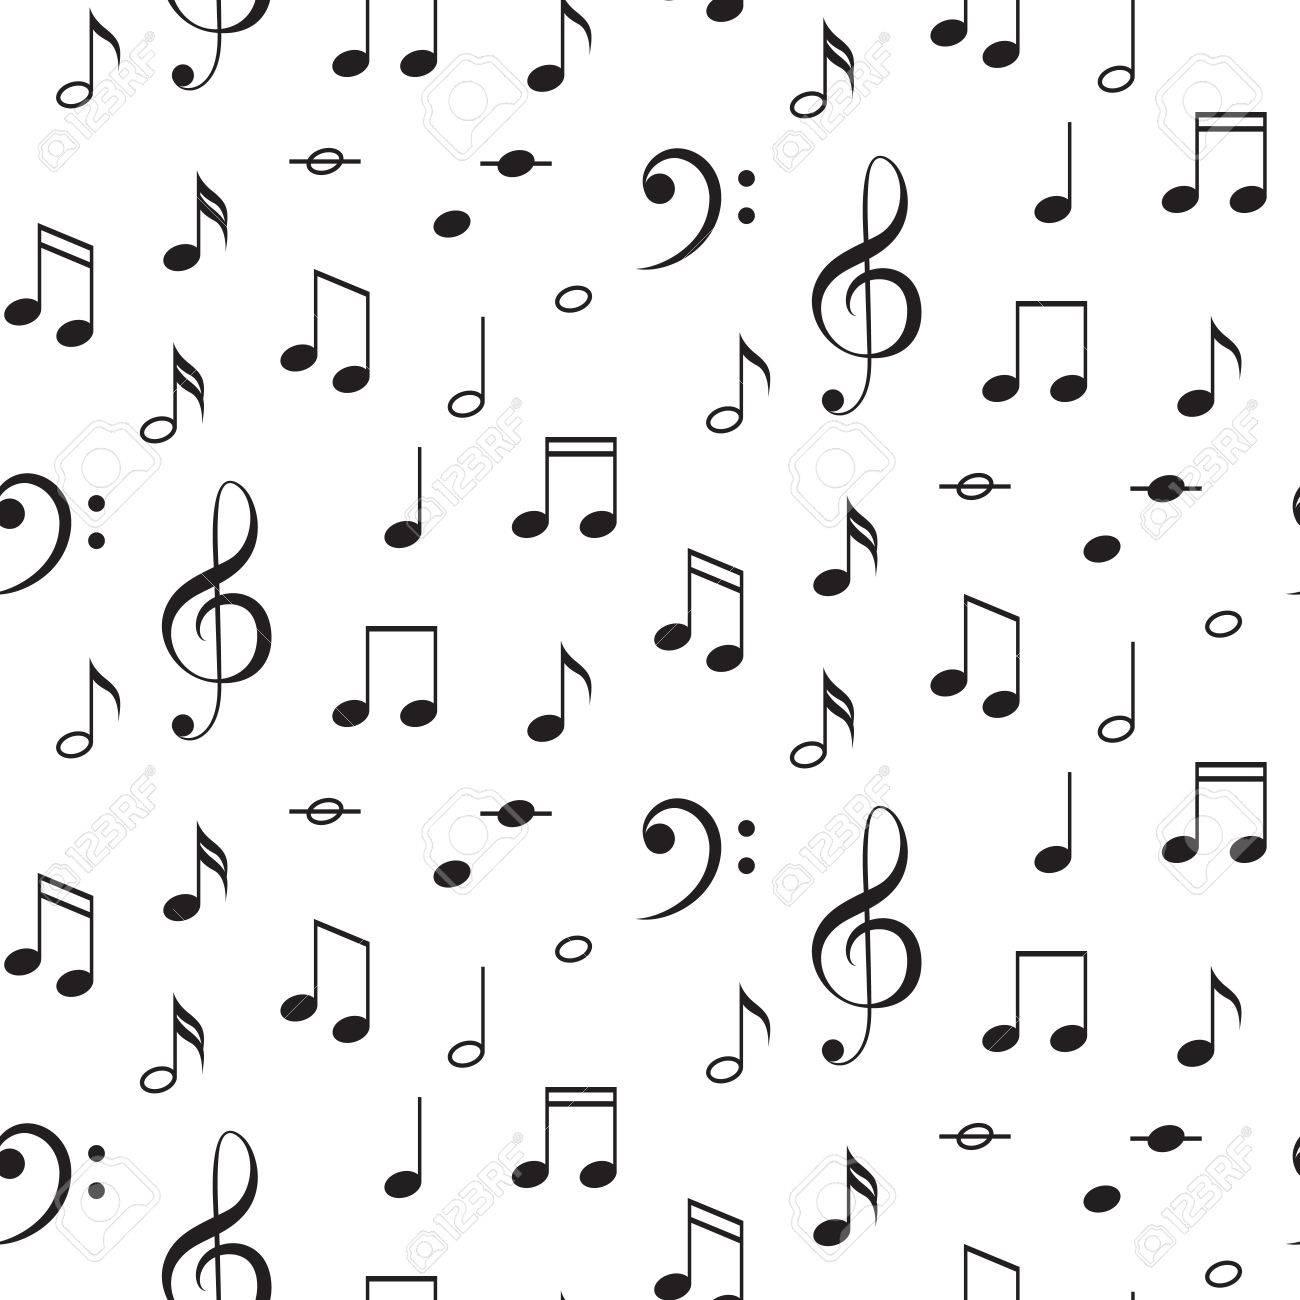 Notas musicales y fondo